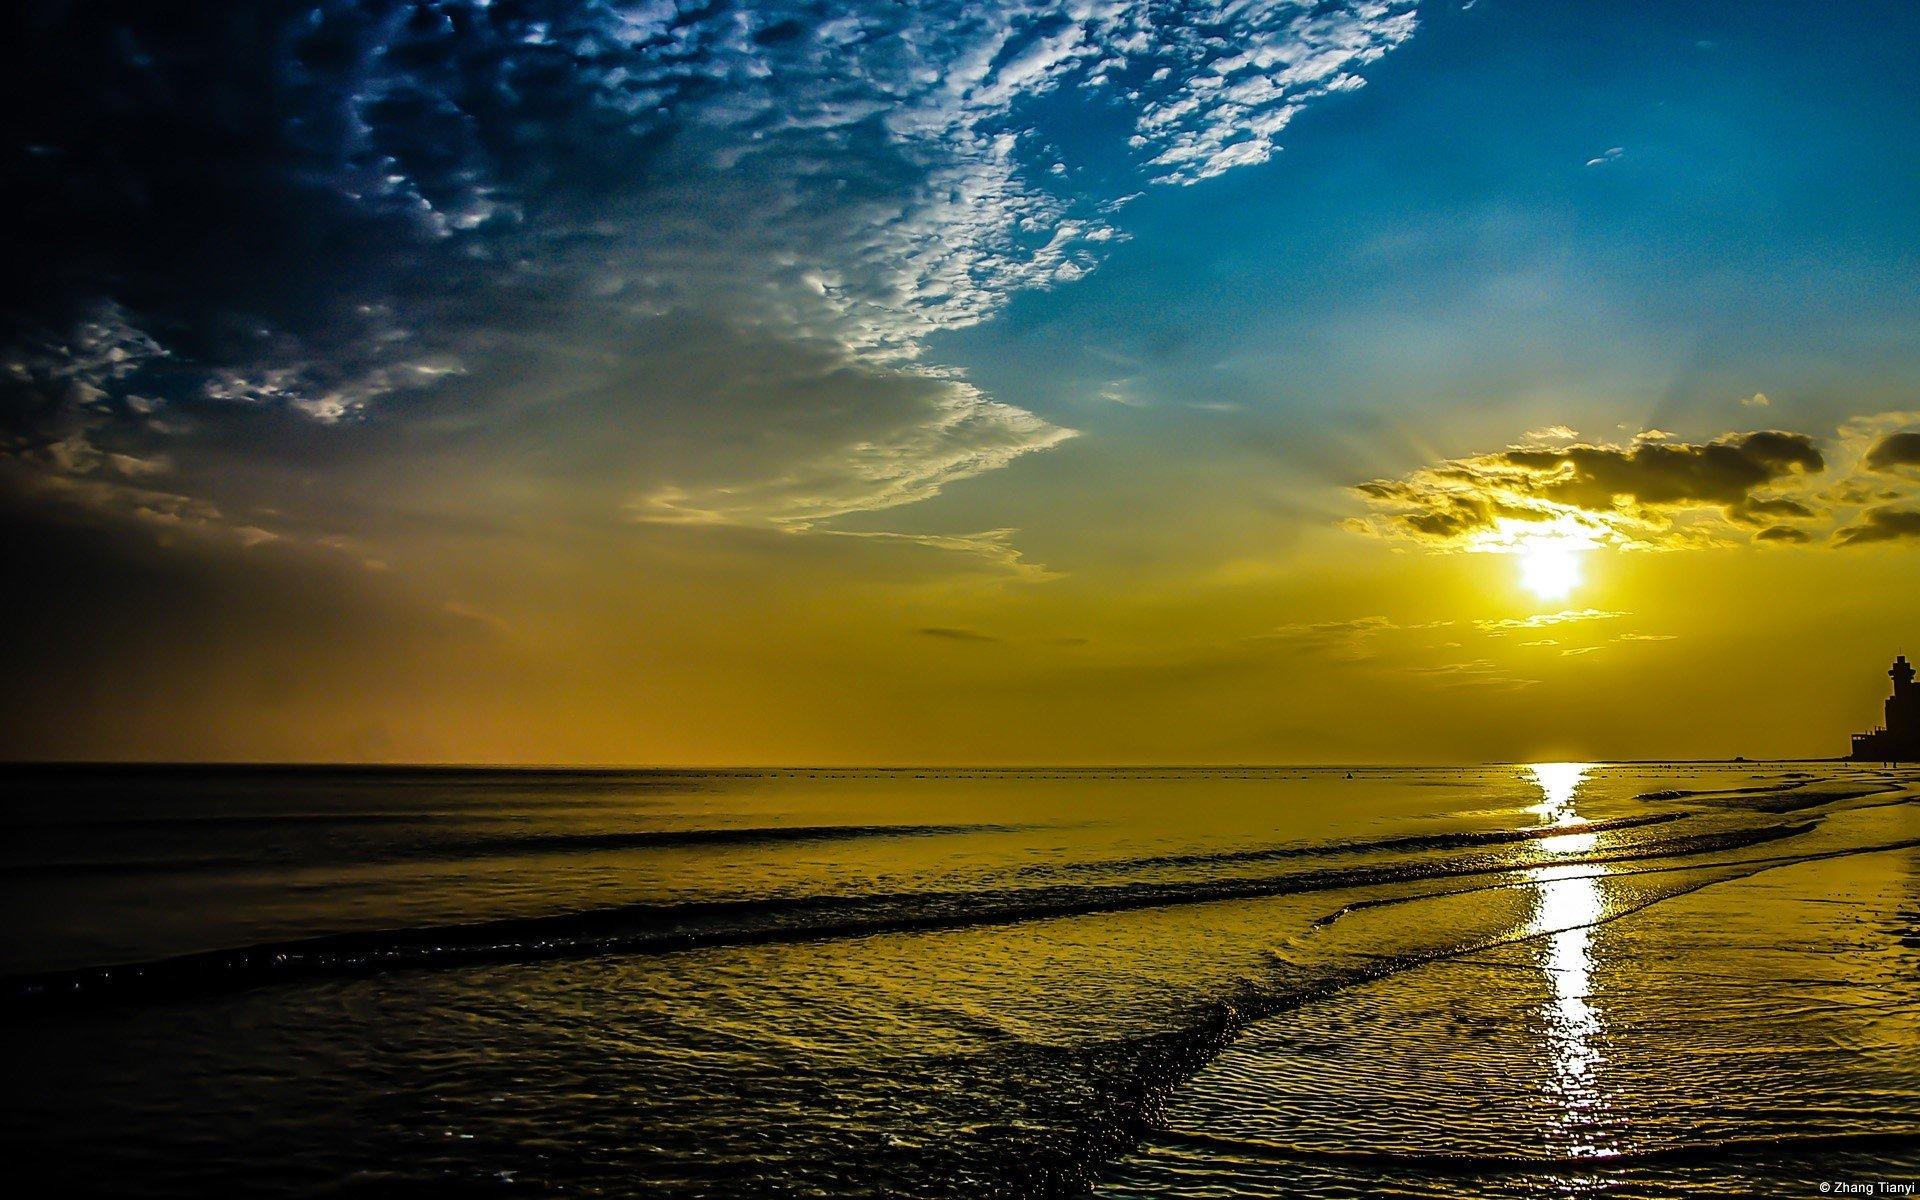 Wallpaper Sunset on the sea